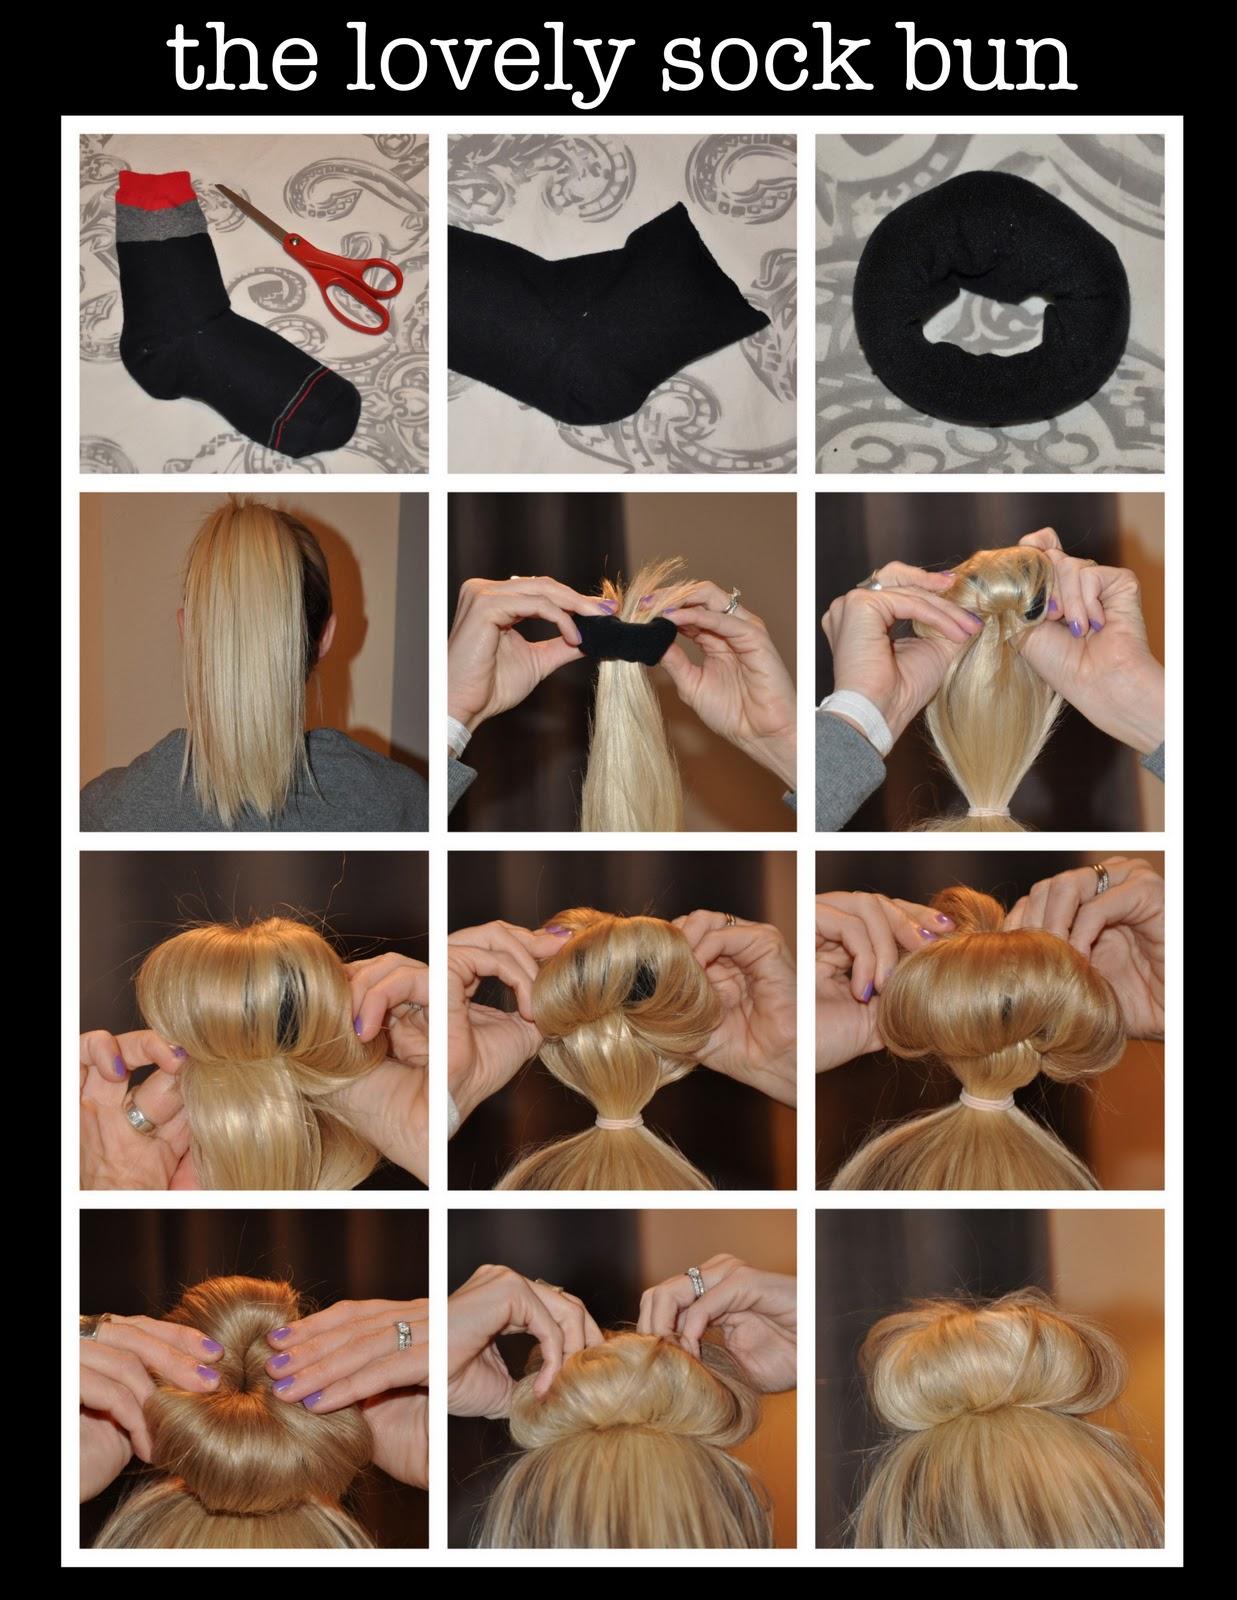 Как сделать пучок из волос как у ванилек